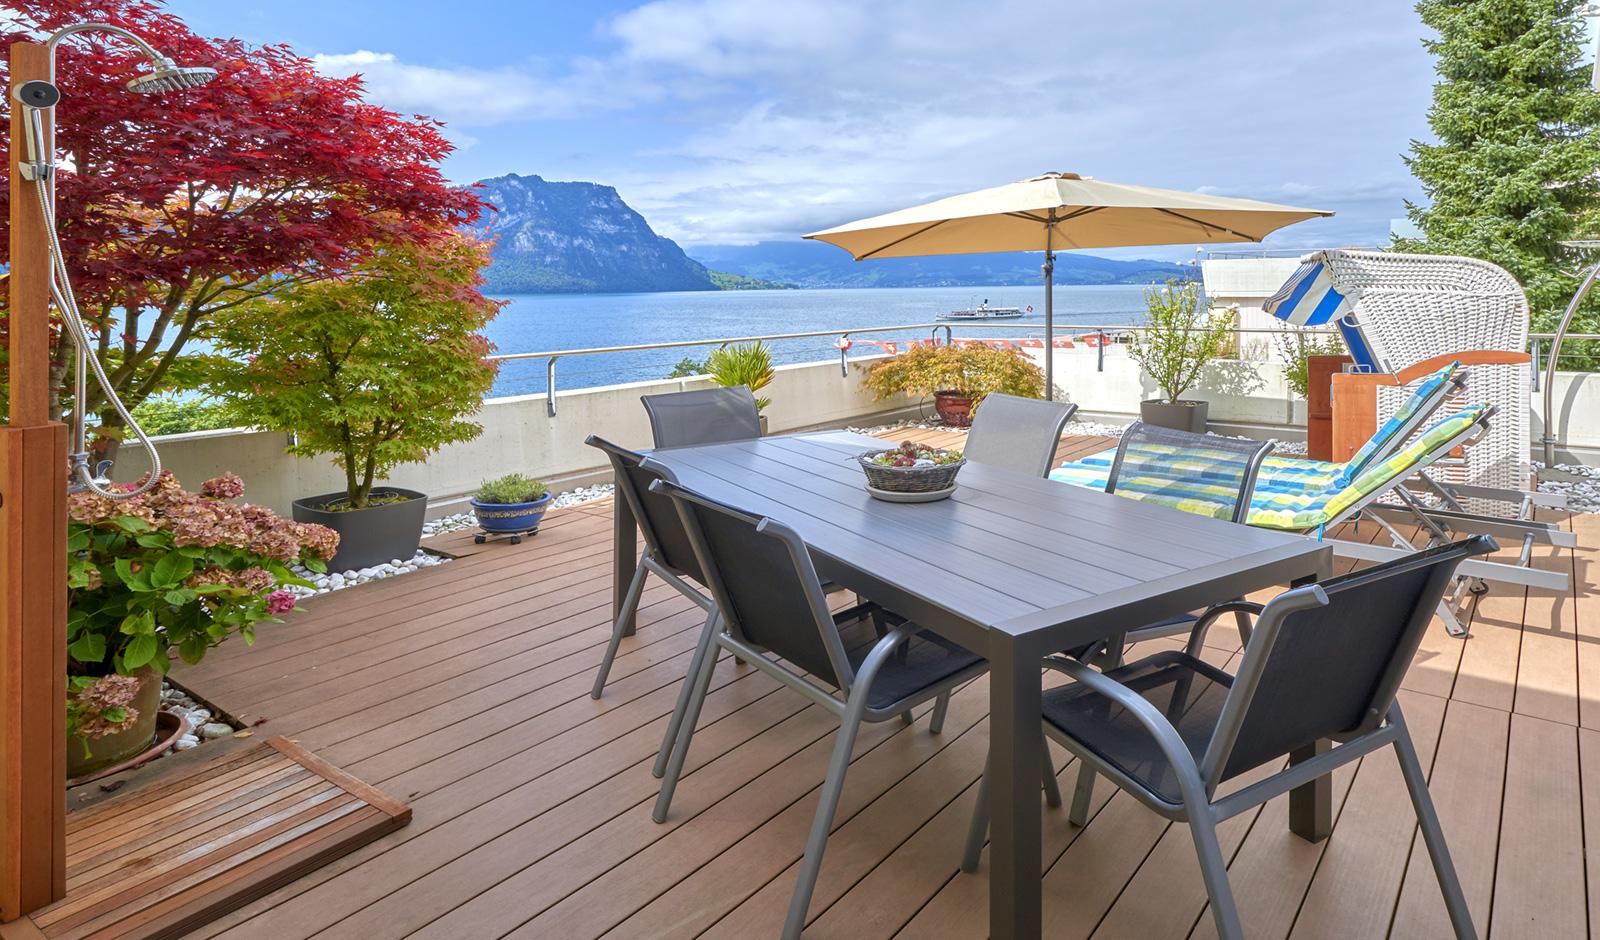 Wohnen wie im Urlaub – sonnenverwöhnte Terrassenwohnung an bester Lage